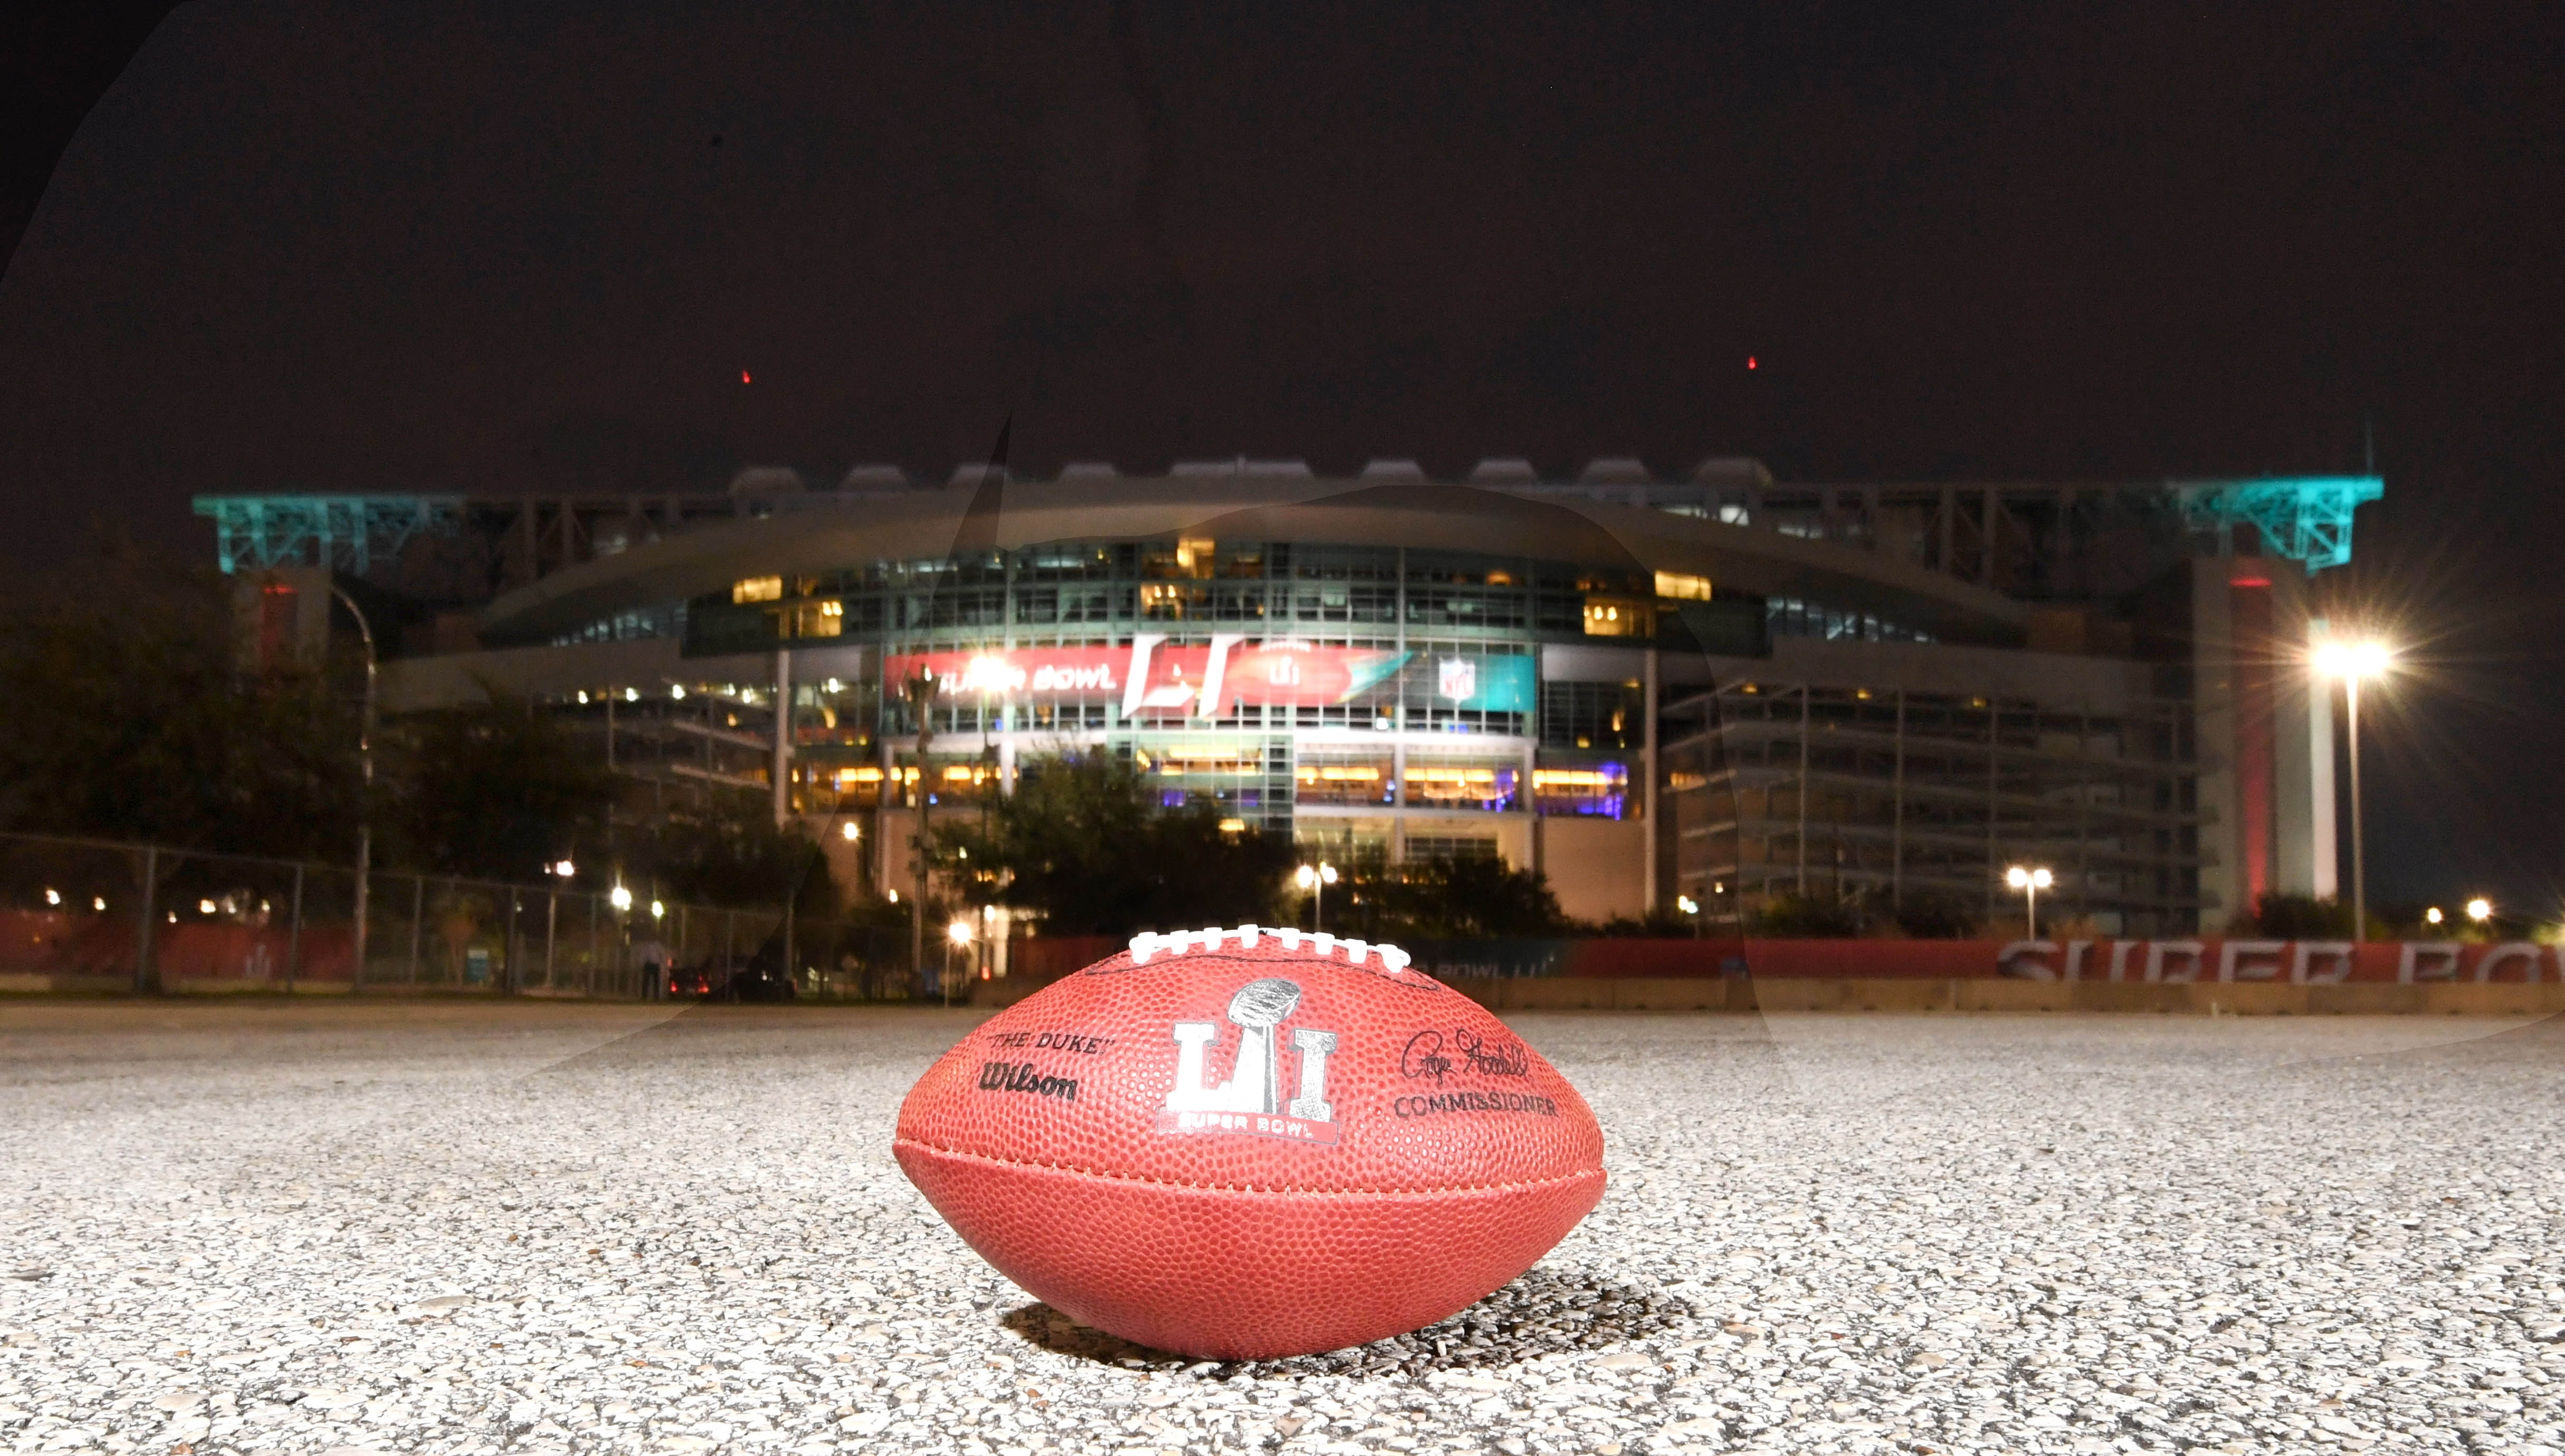 9854247-nfl-super-bowl-li-nrg-stadium-views-2